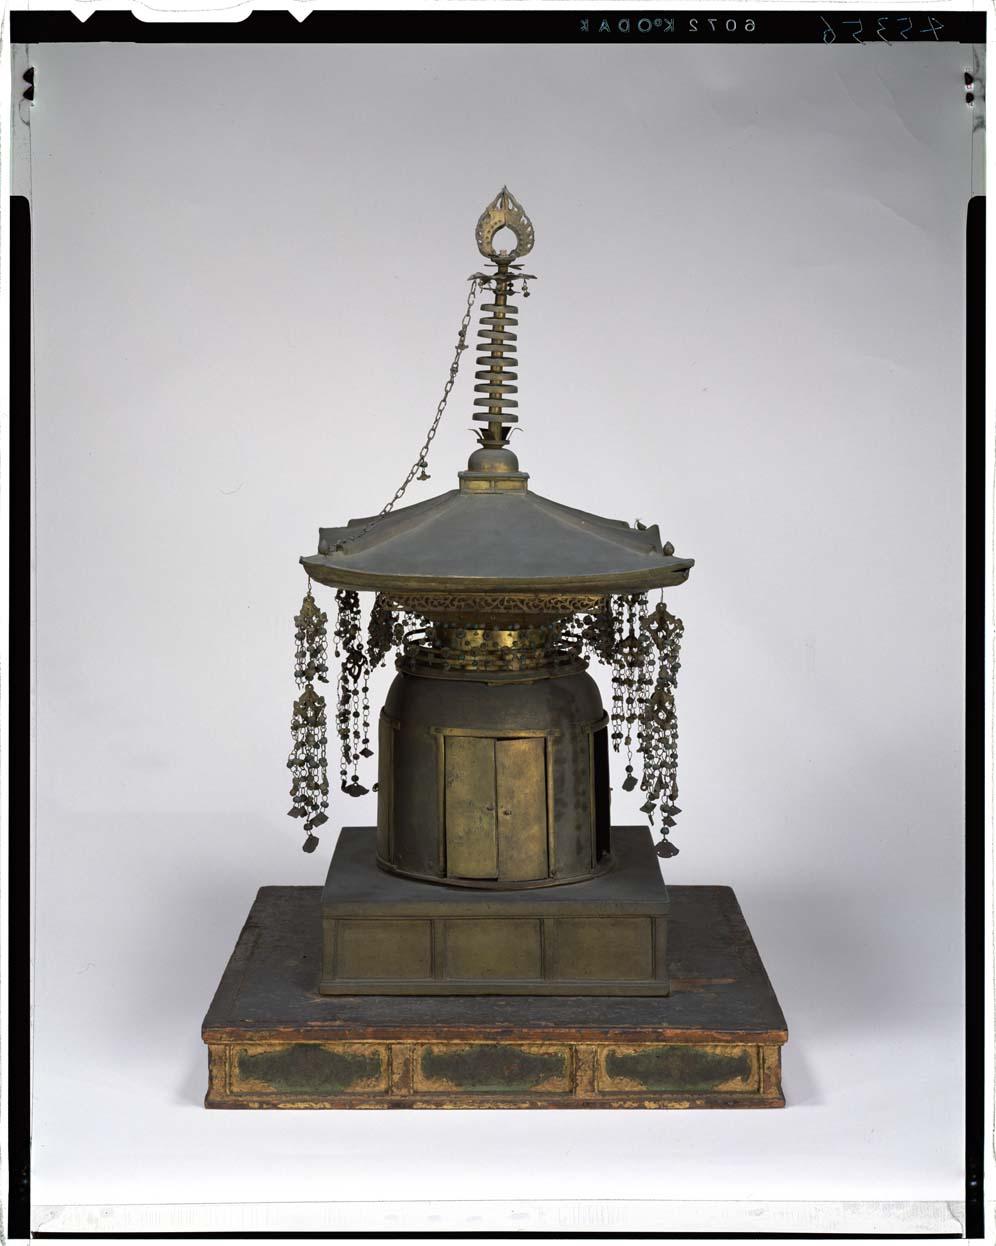 舎利塔 画像番号:  東京国立博物館 画像検索